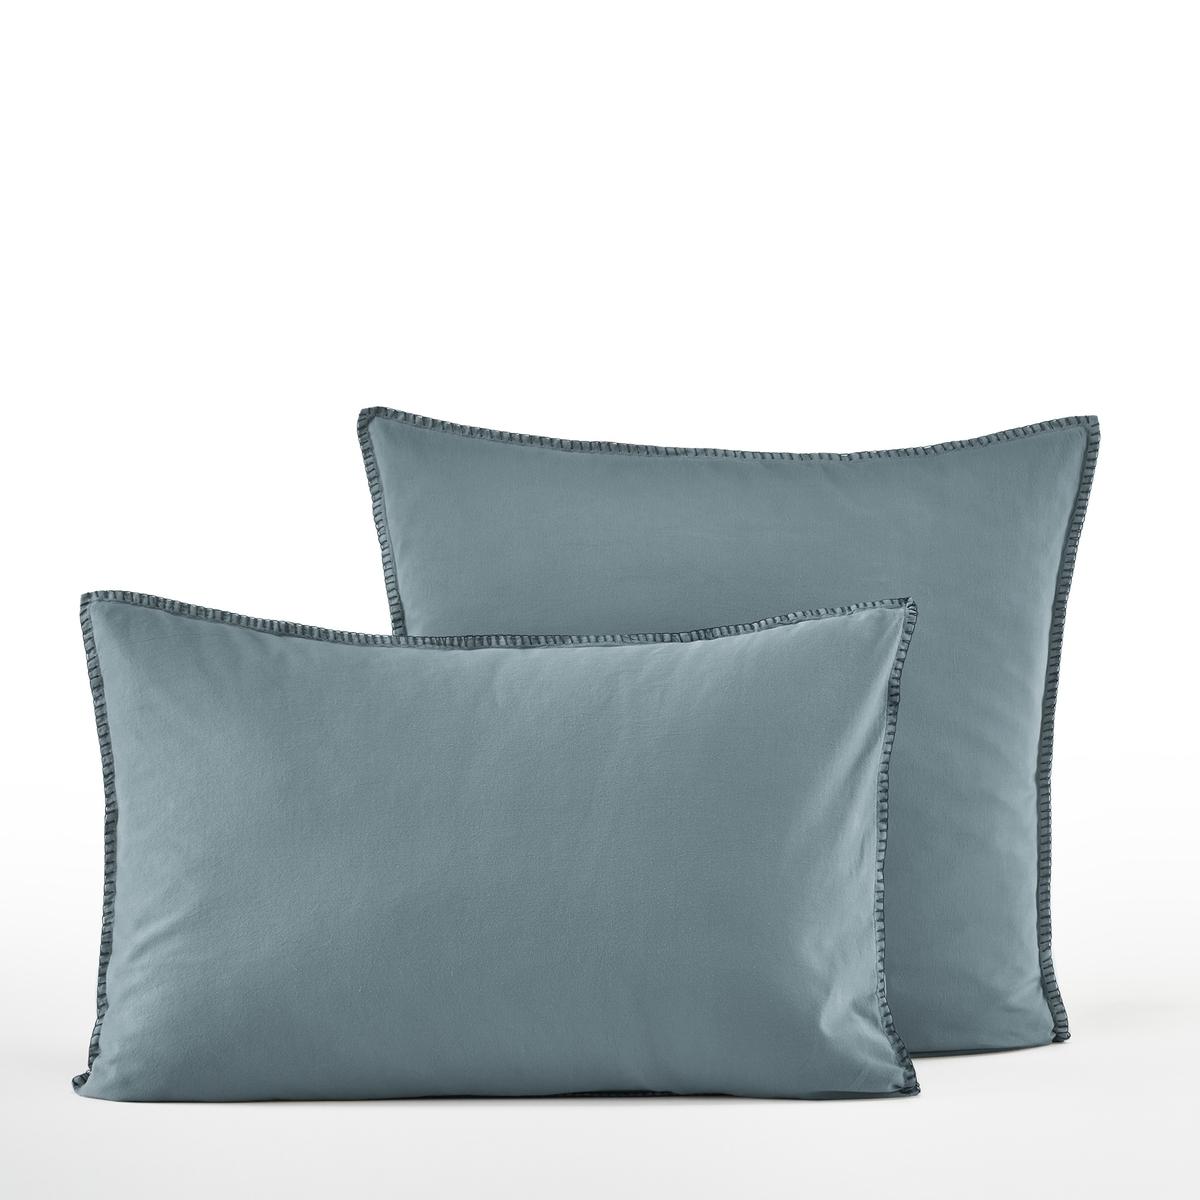 Наволочка La Redoute Из хлопкового сатина Lana 65 x 65 см синий наволочка la redoute flooch 50 x 30 см бежевый